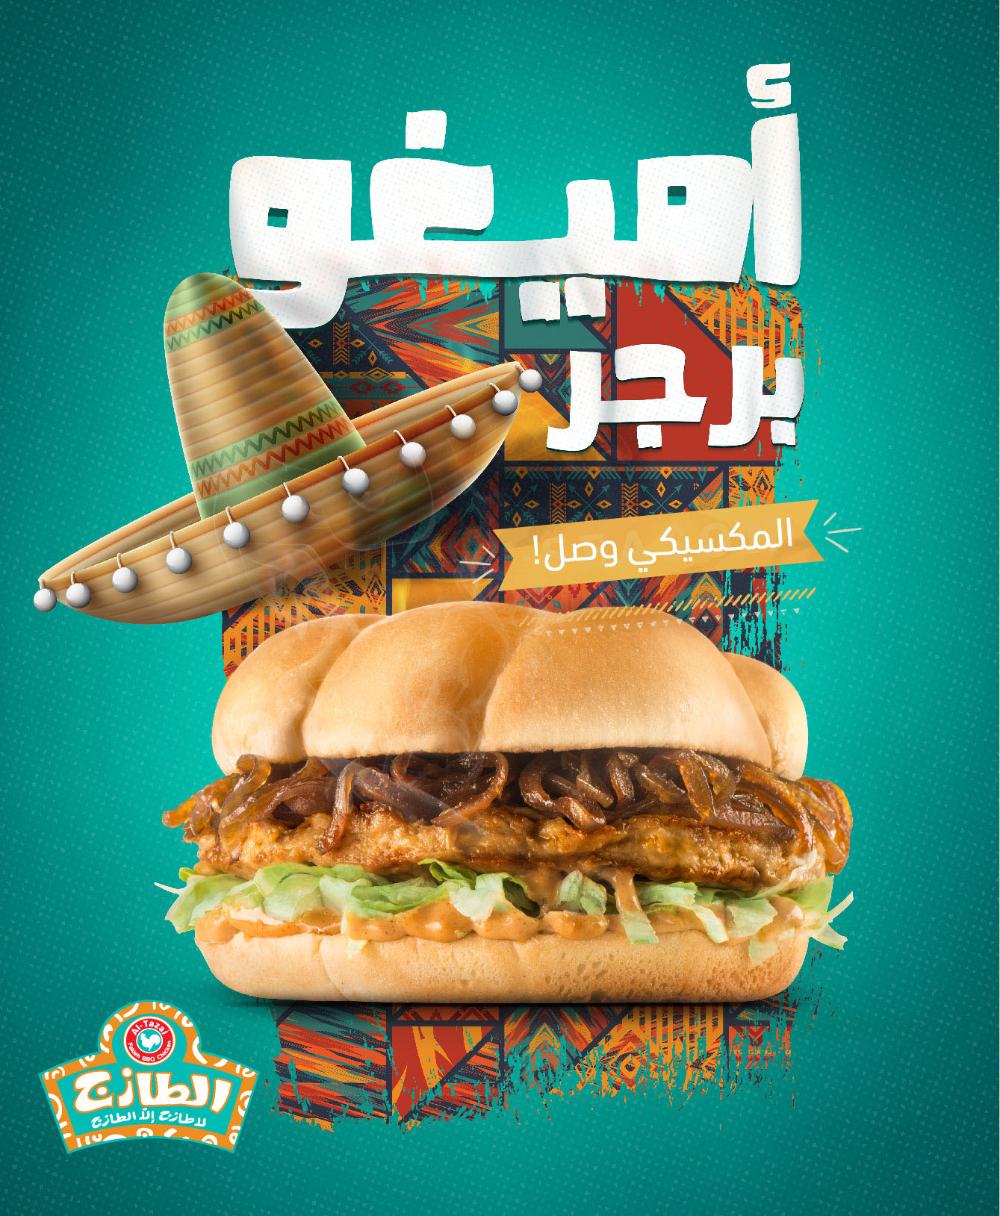 Al Tazaj Amigo Burger البرجر المكسيكي الجديد On Behance Social Media Design Inspiration Typography Poster Design Dog Logo Design